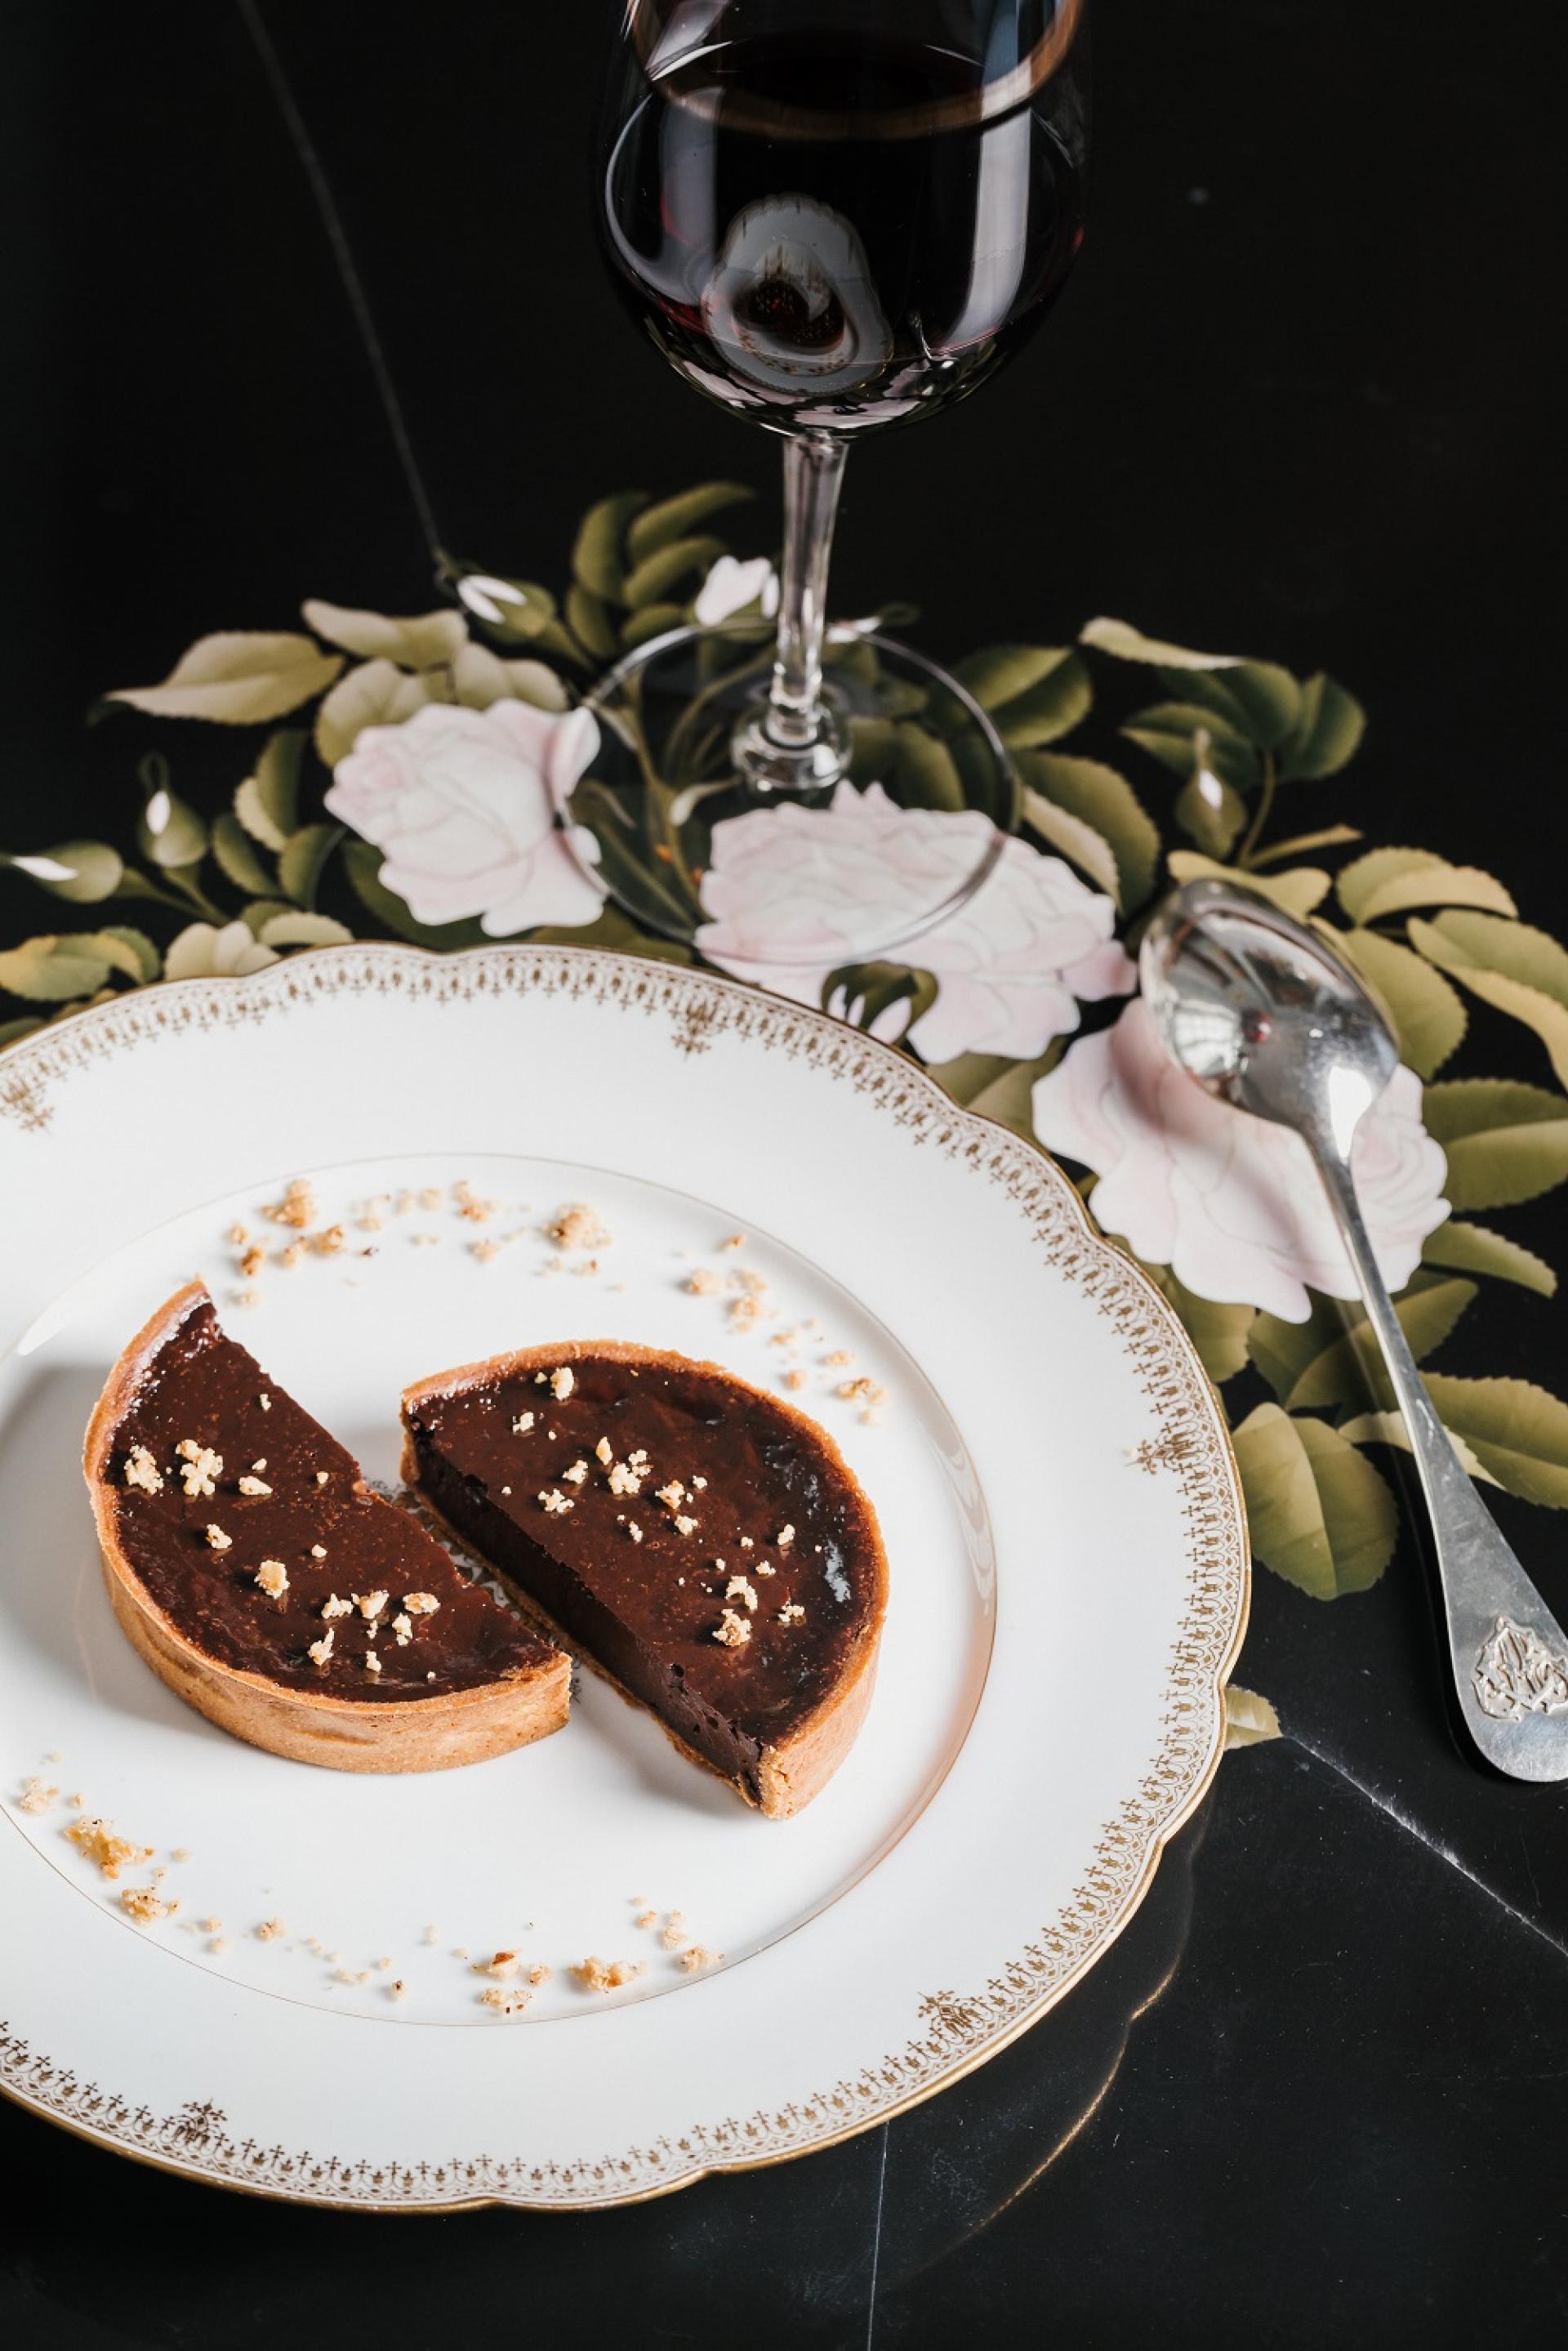 Chocolate tartlet with toasted hazelnut